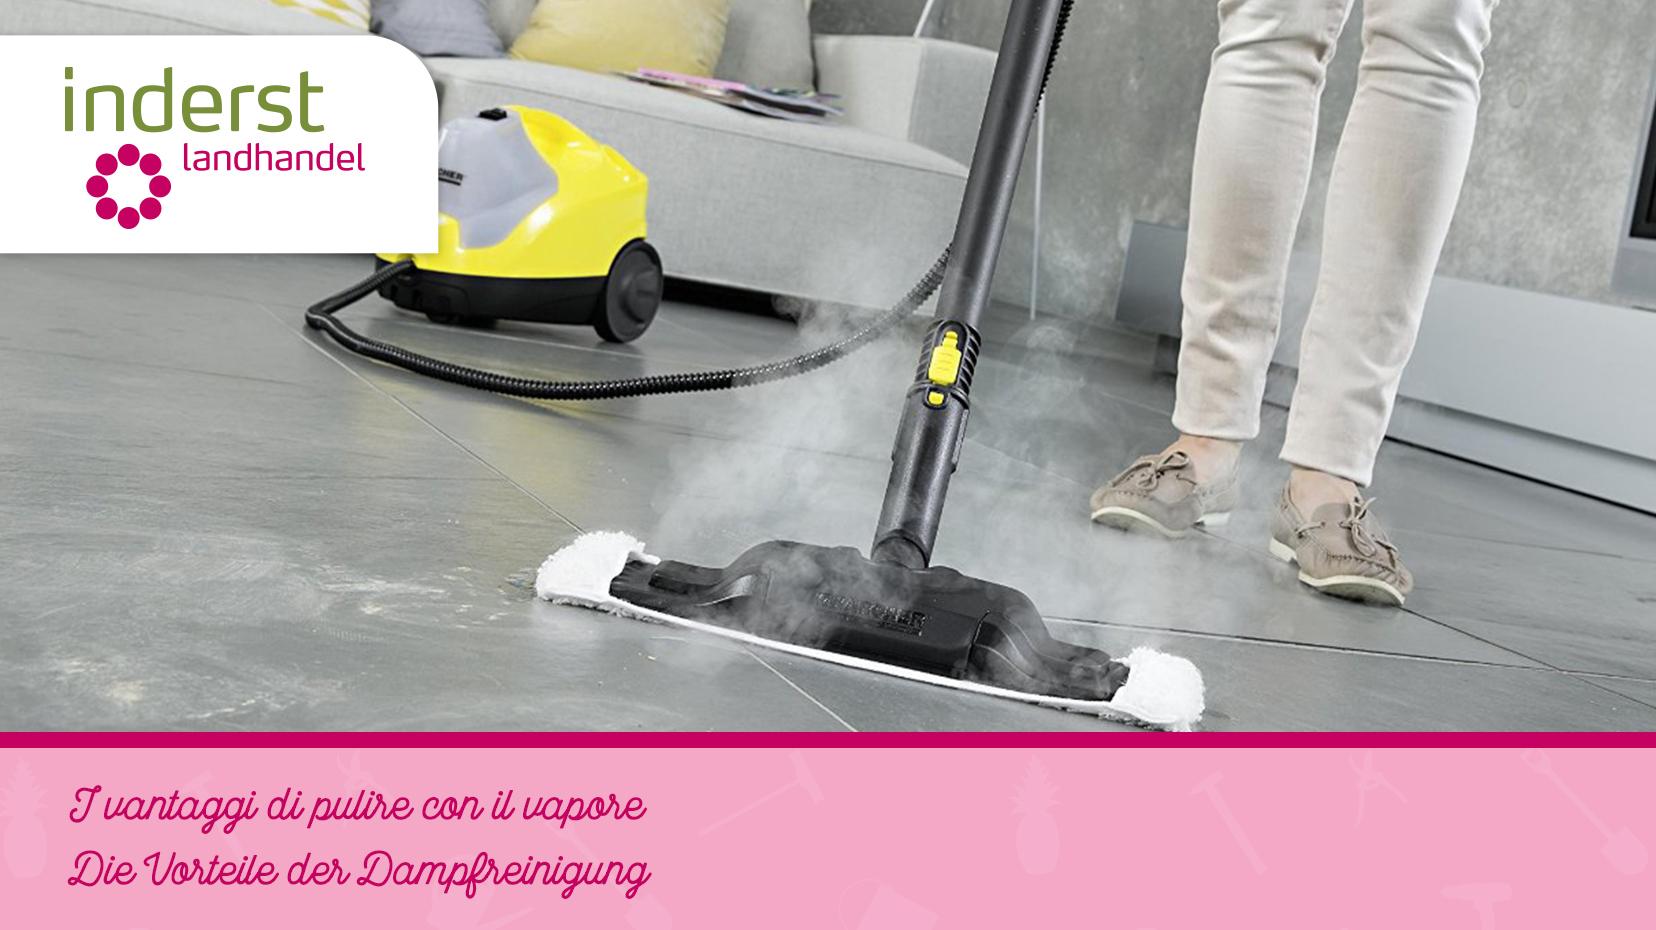 I vantaggi di pulire con il vapore inderst for Pulire con vapore